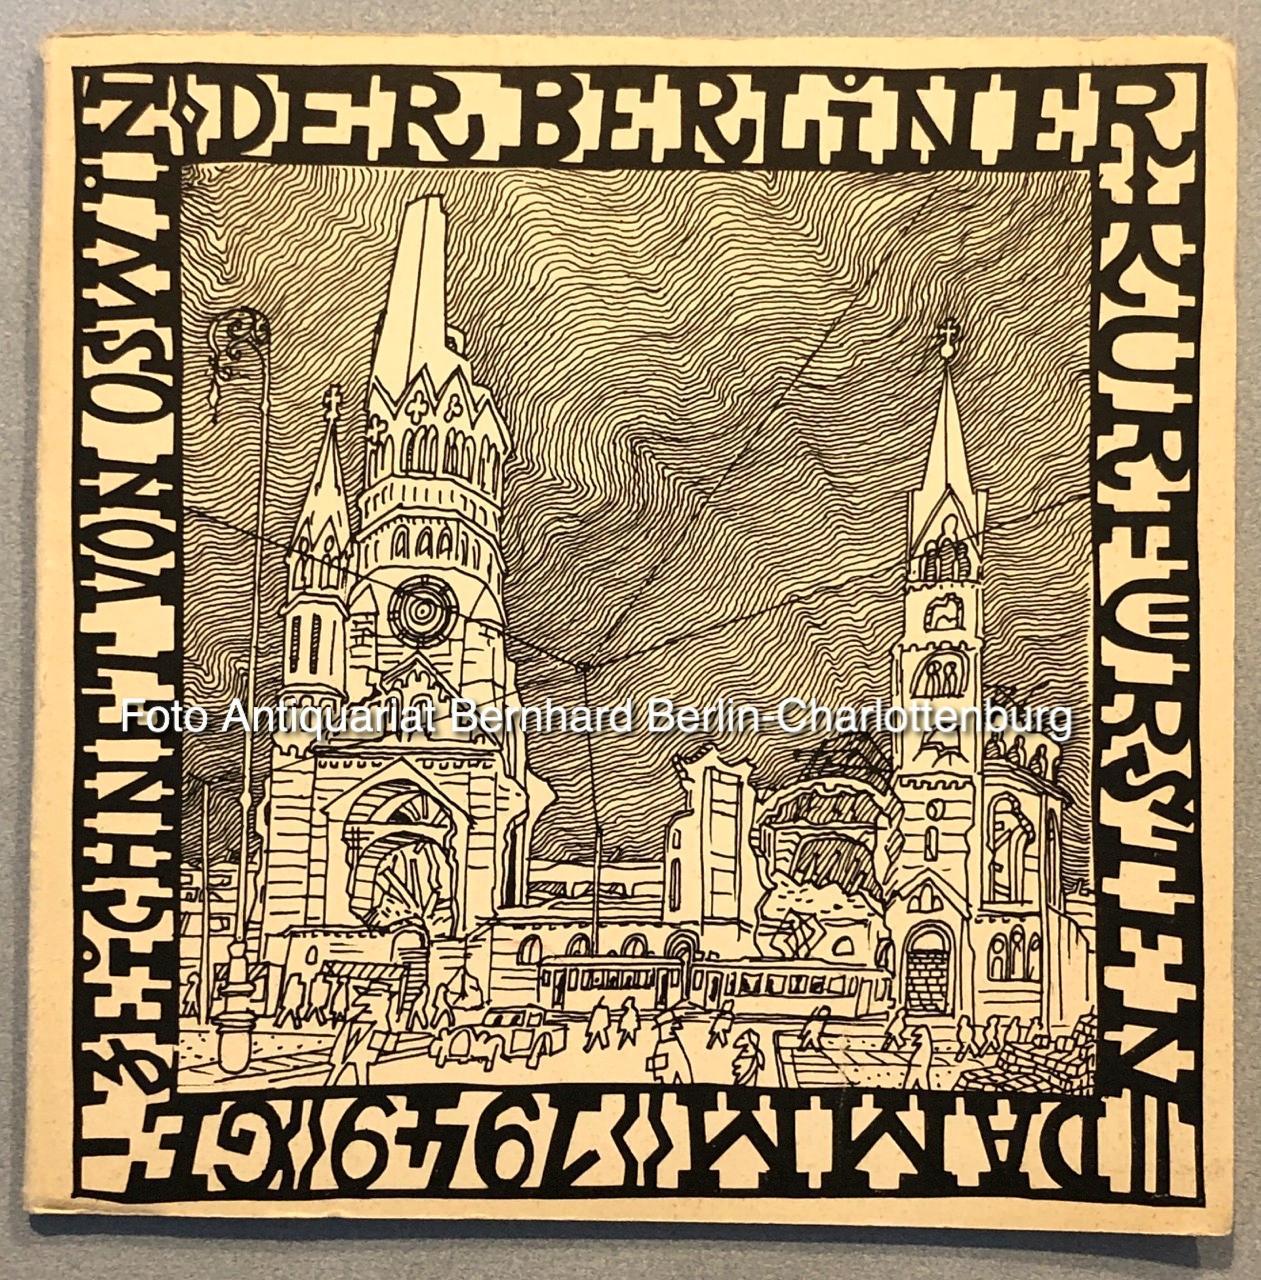 Der Berliner Kurfürstendamm 1949. Gezeichnet von Oswin: Oswin